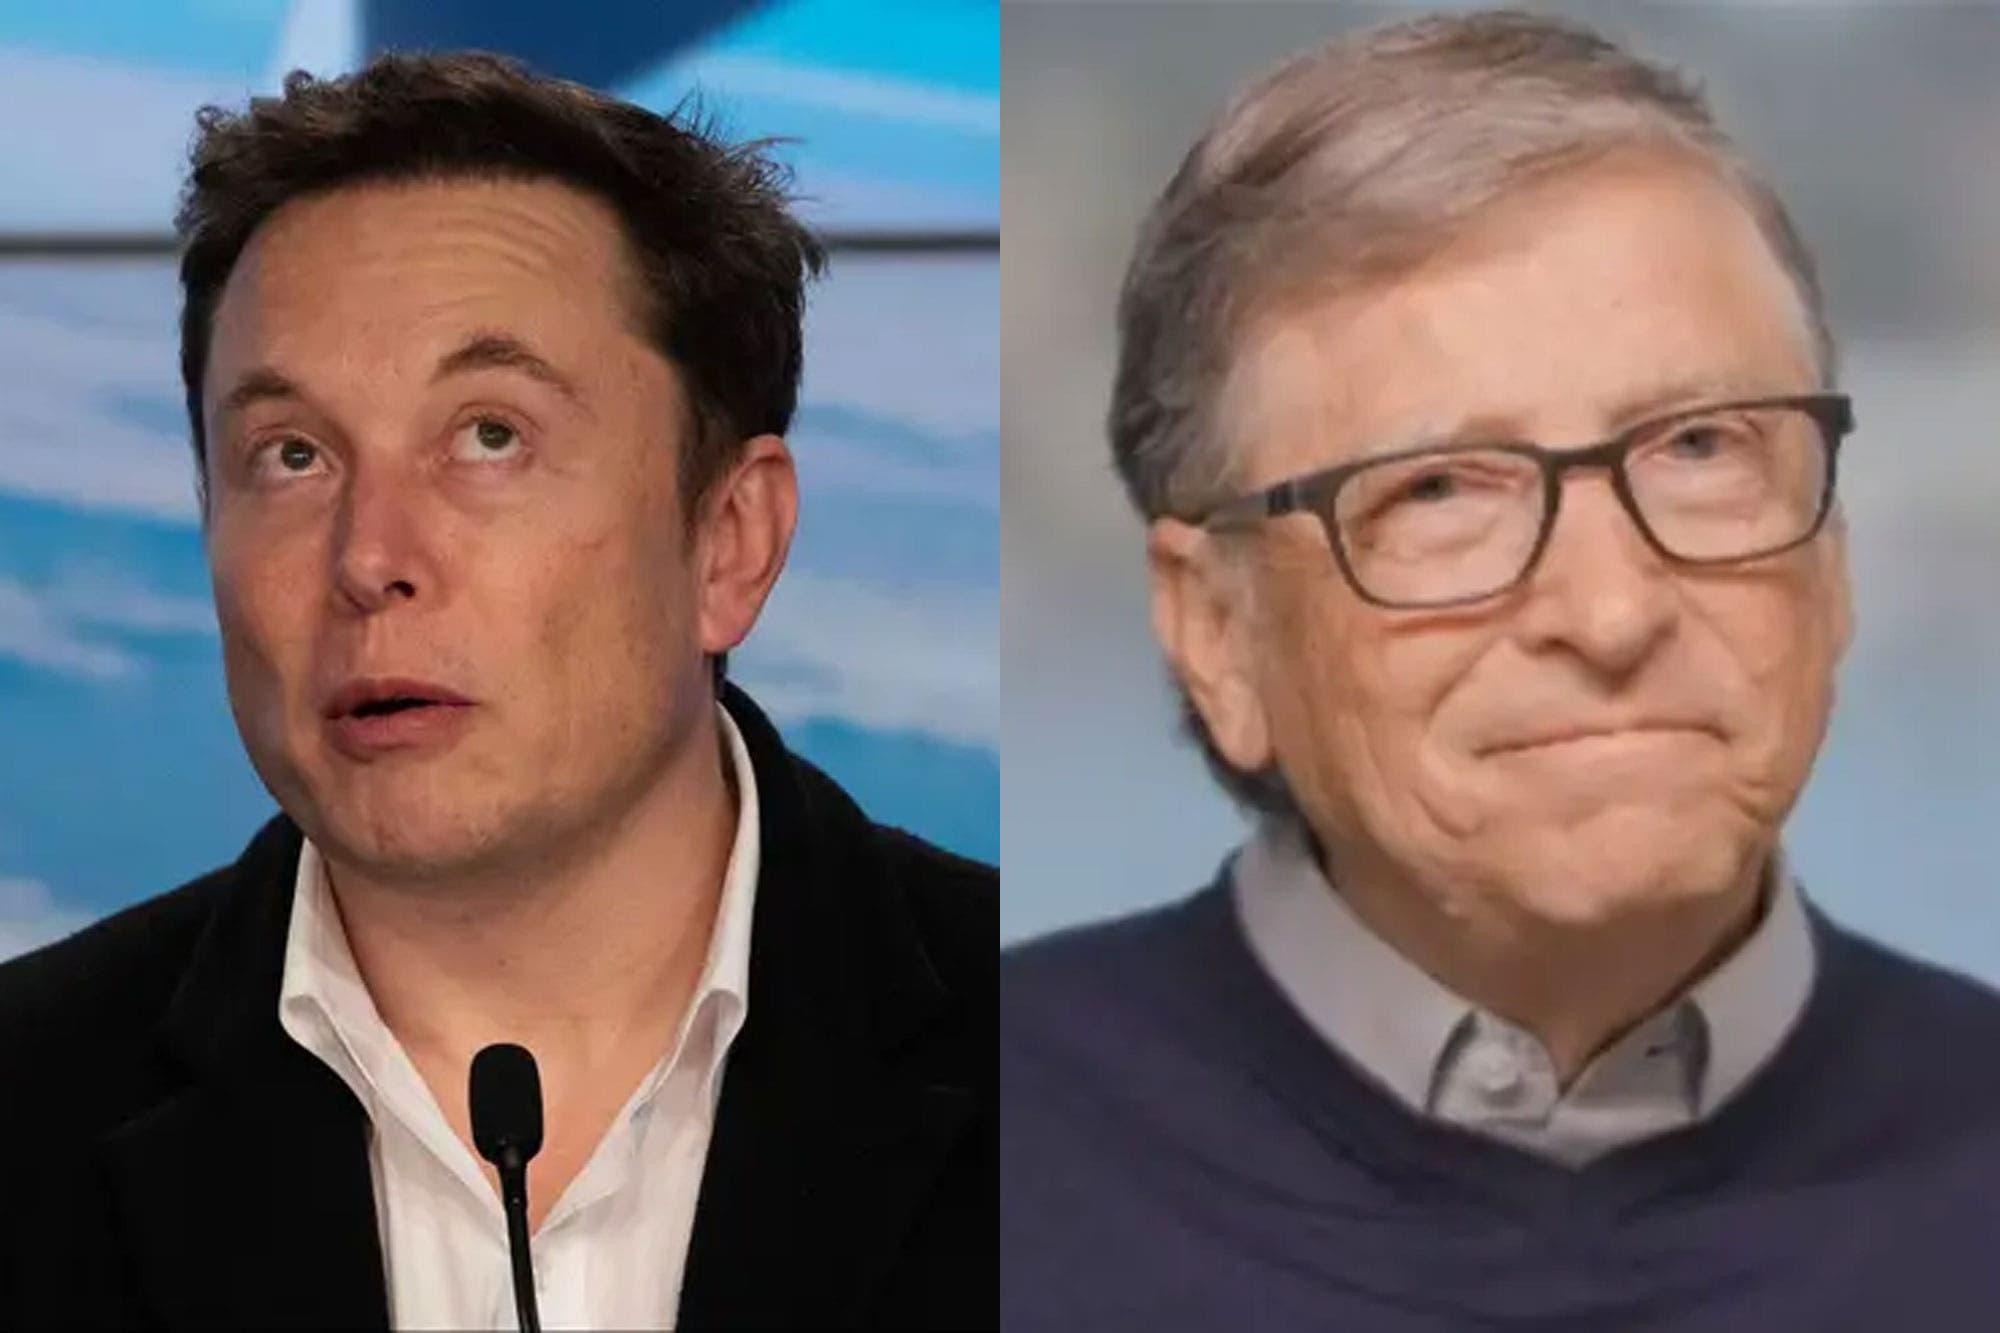 Reportan el hackeo de las cuentas de Twitter de Elon Musk, Bill Gates y Jeff Bezos con un mensaje de estafa con bitcoins